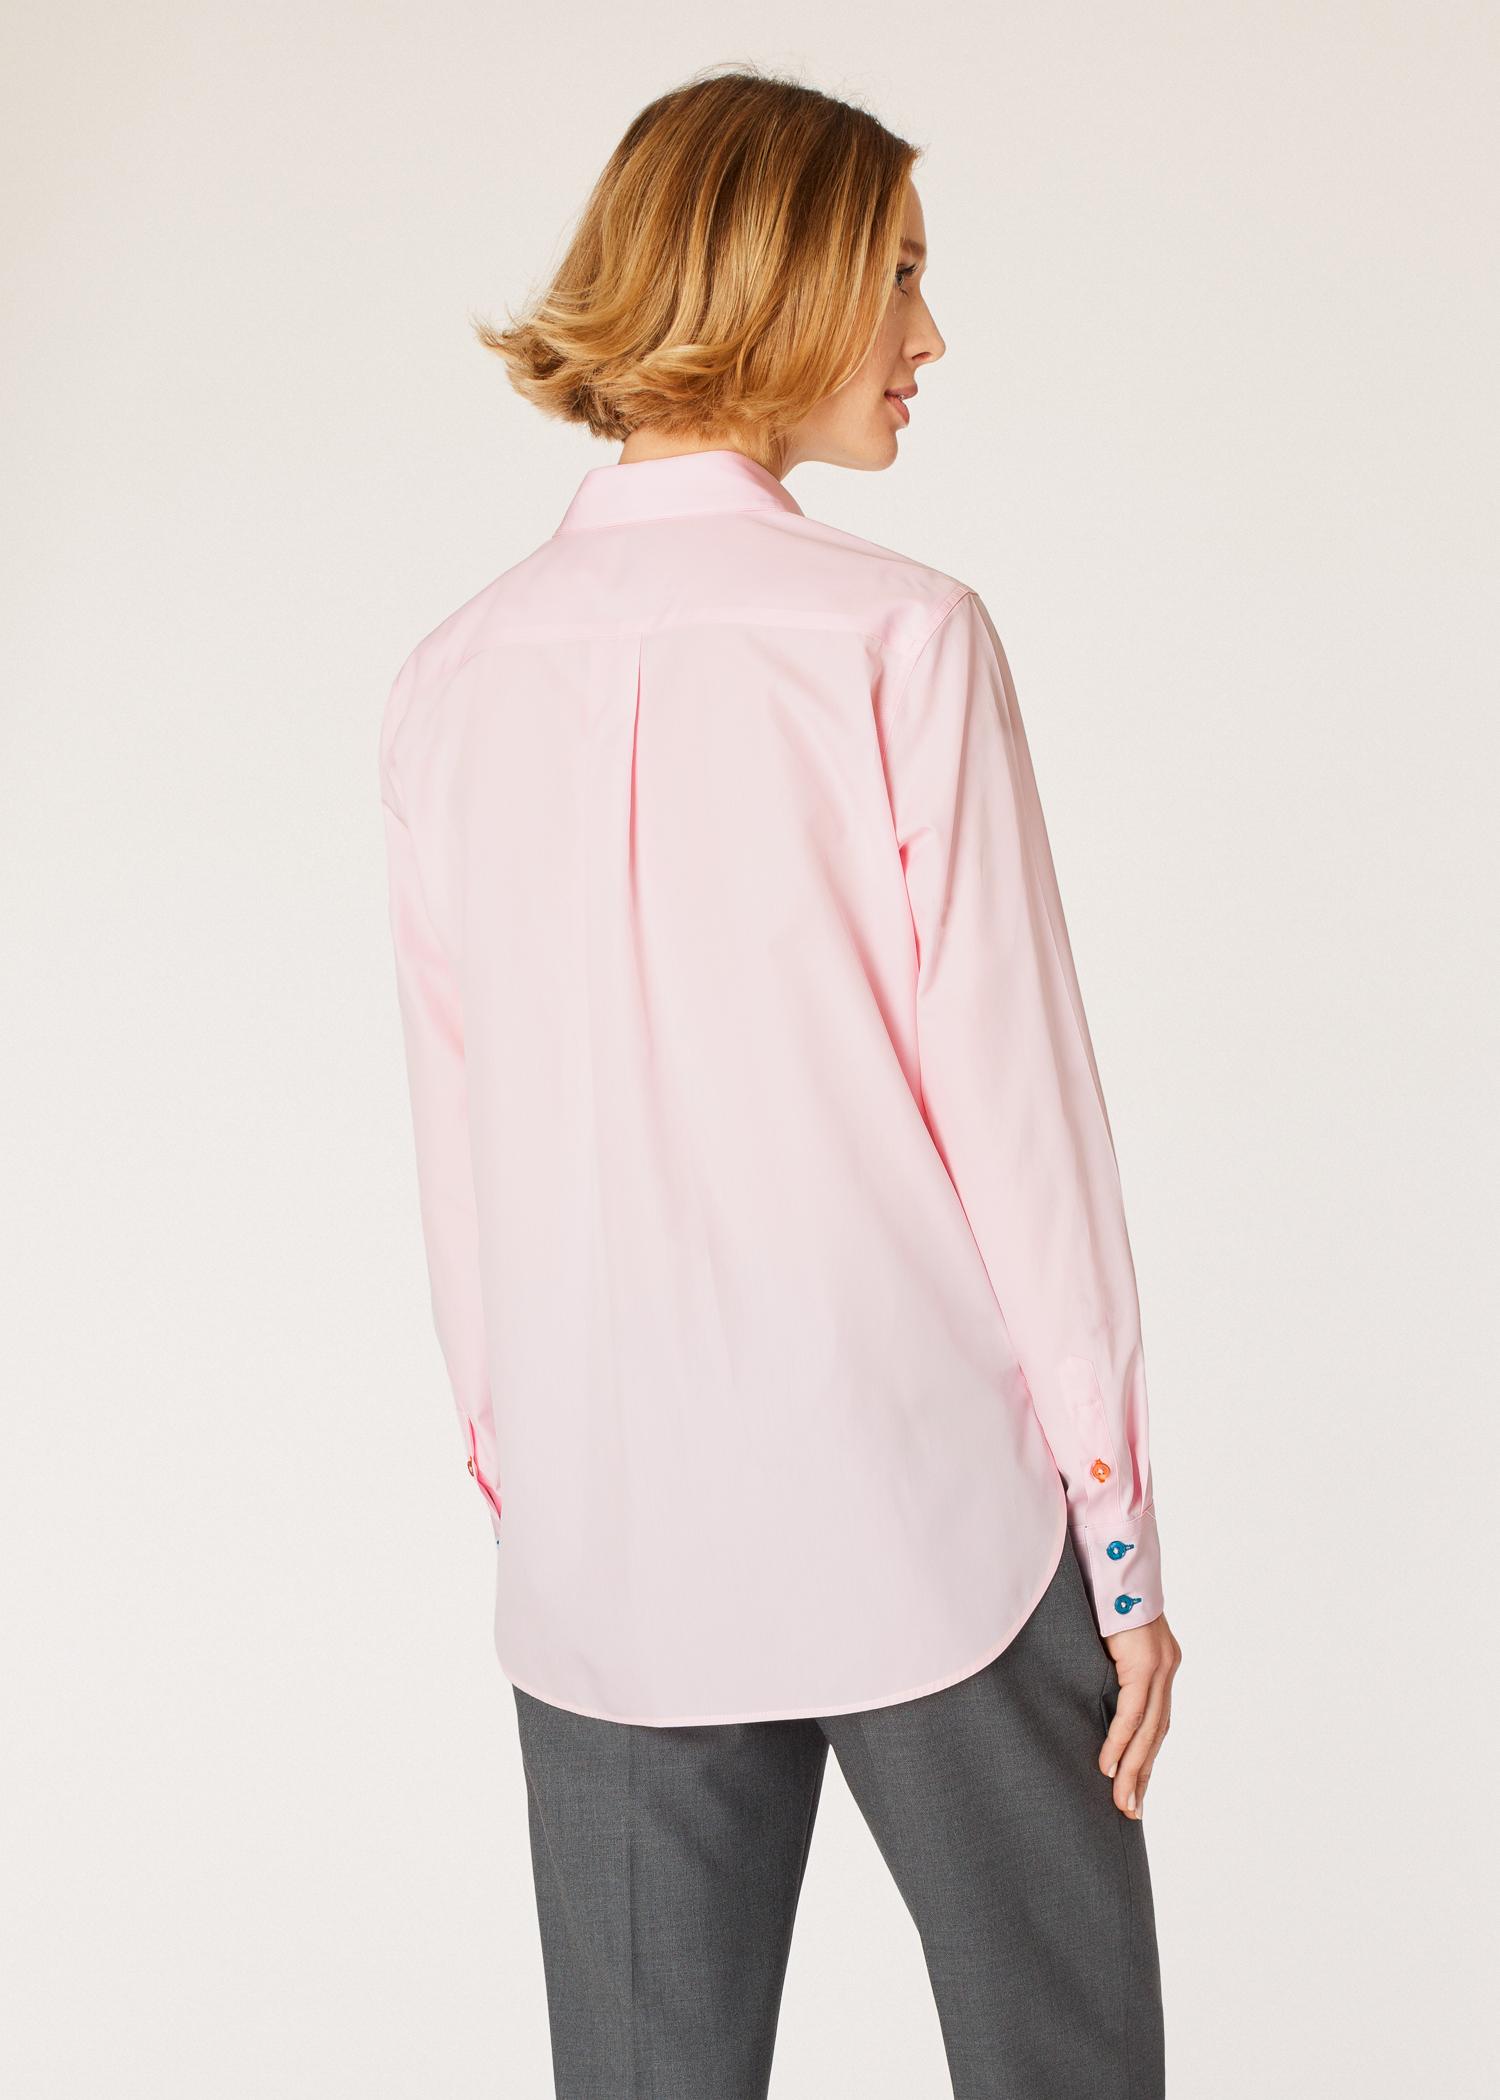 2685f766db5c Chemise Femme Rose Pâle Poignets  Swirl  En Coton Coupe Slim - Paul ...